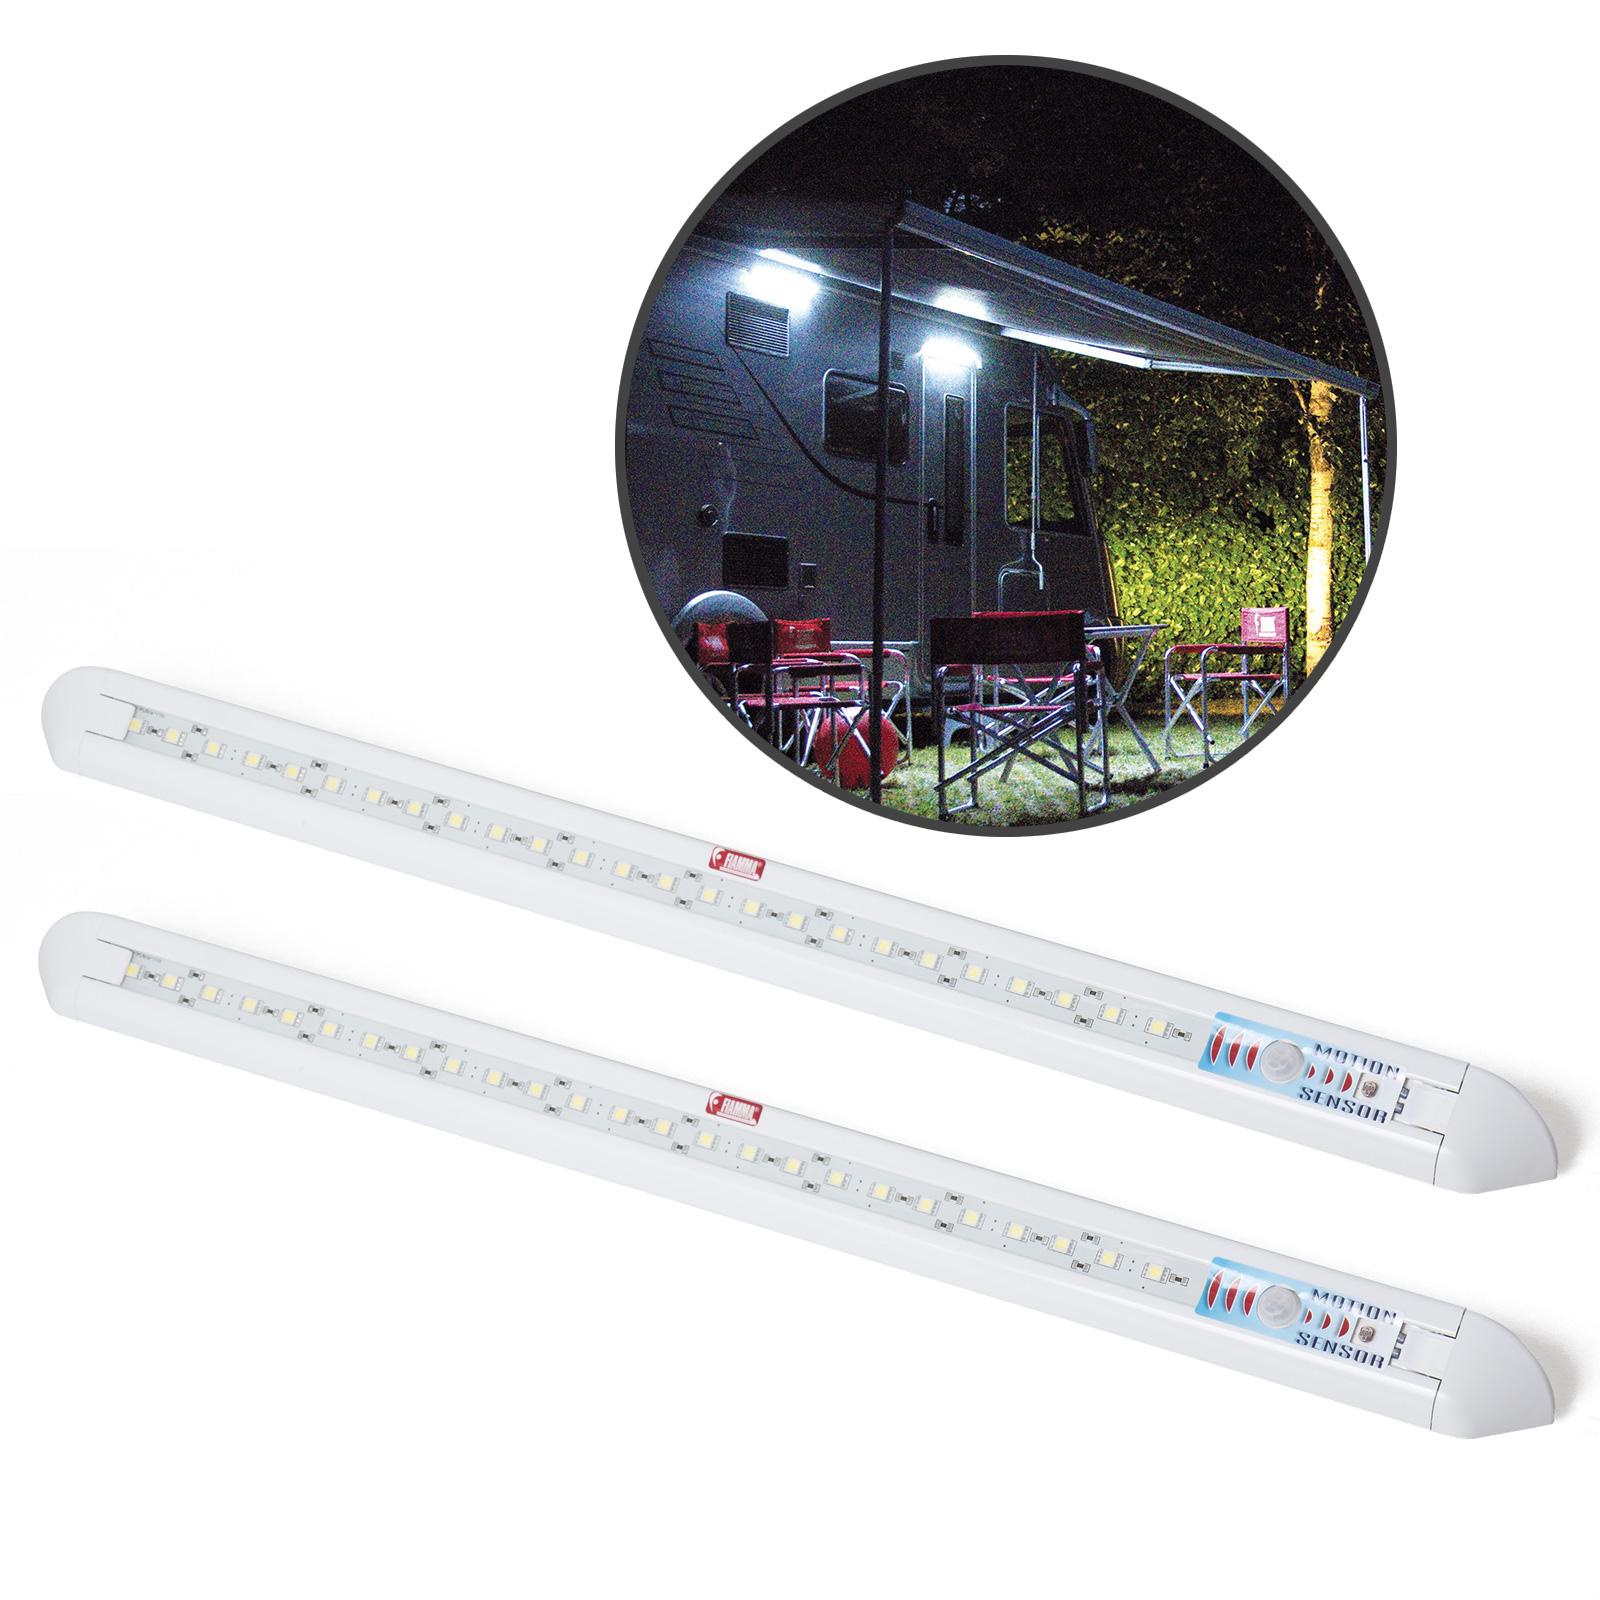 2x Fiamma Led Außen Leuchte mit Bewegungsmelder 12 V 31 weiße LED extra hell